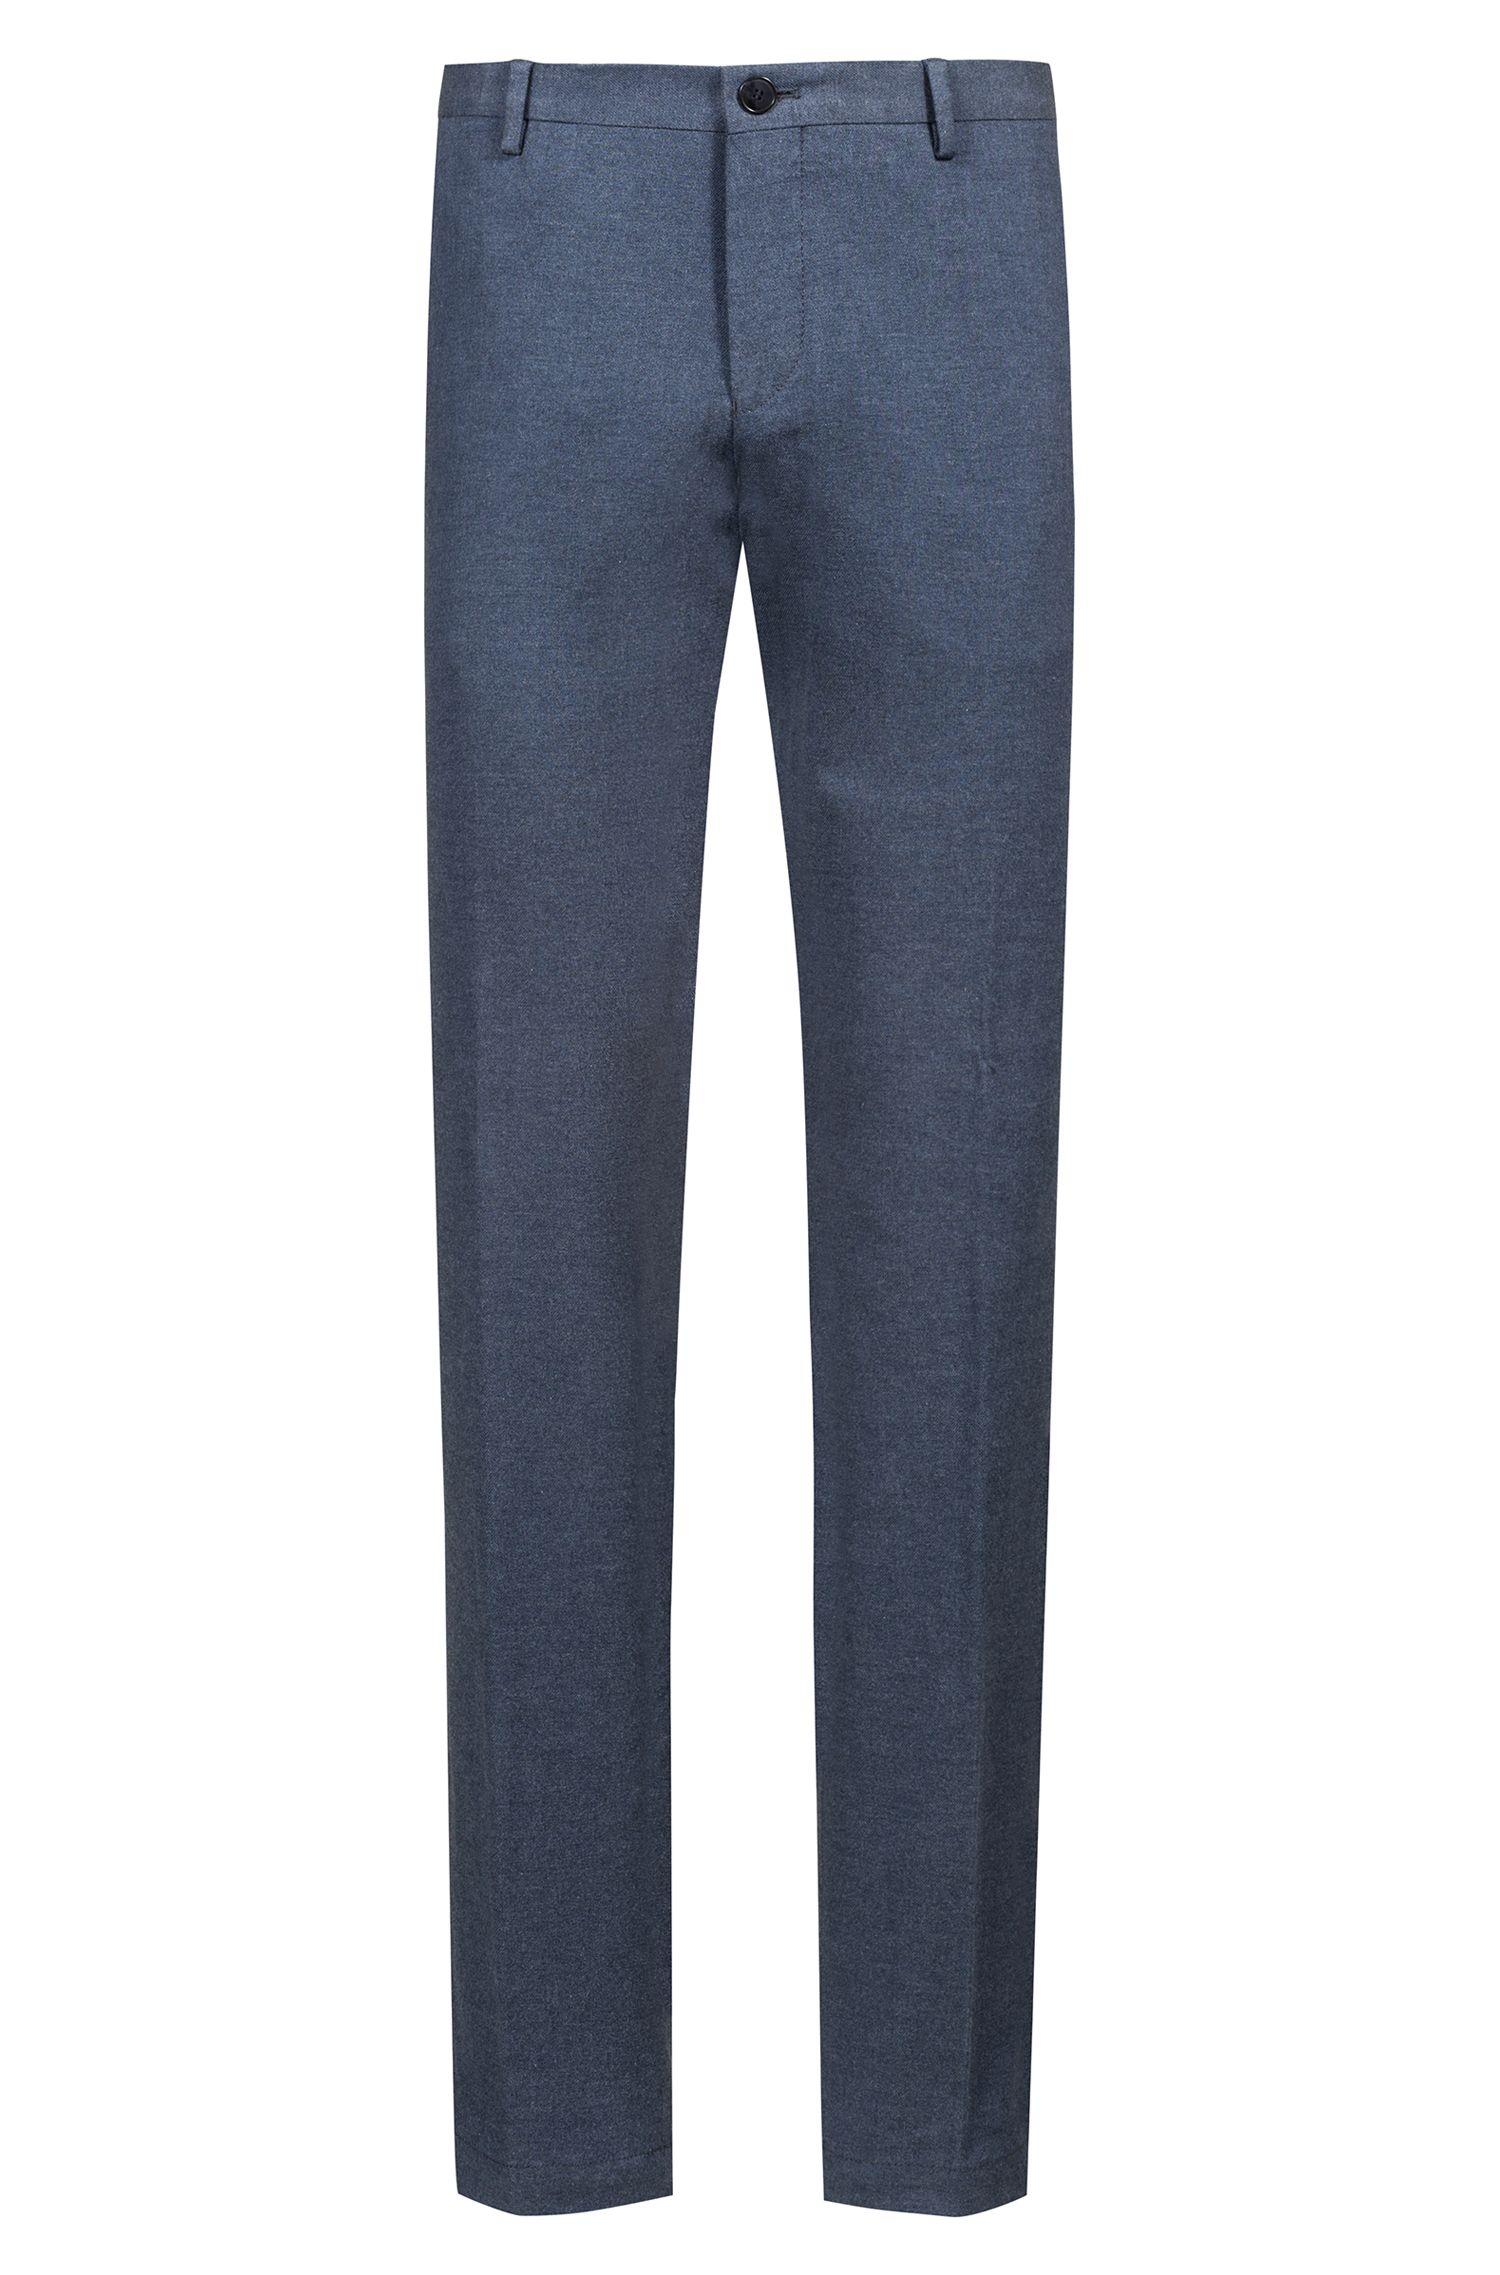 Pantalones slim fit de franela en algodón elástico, Azul oscuro